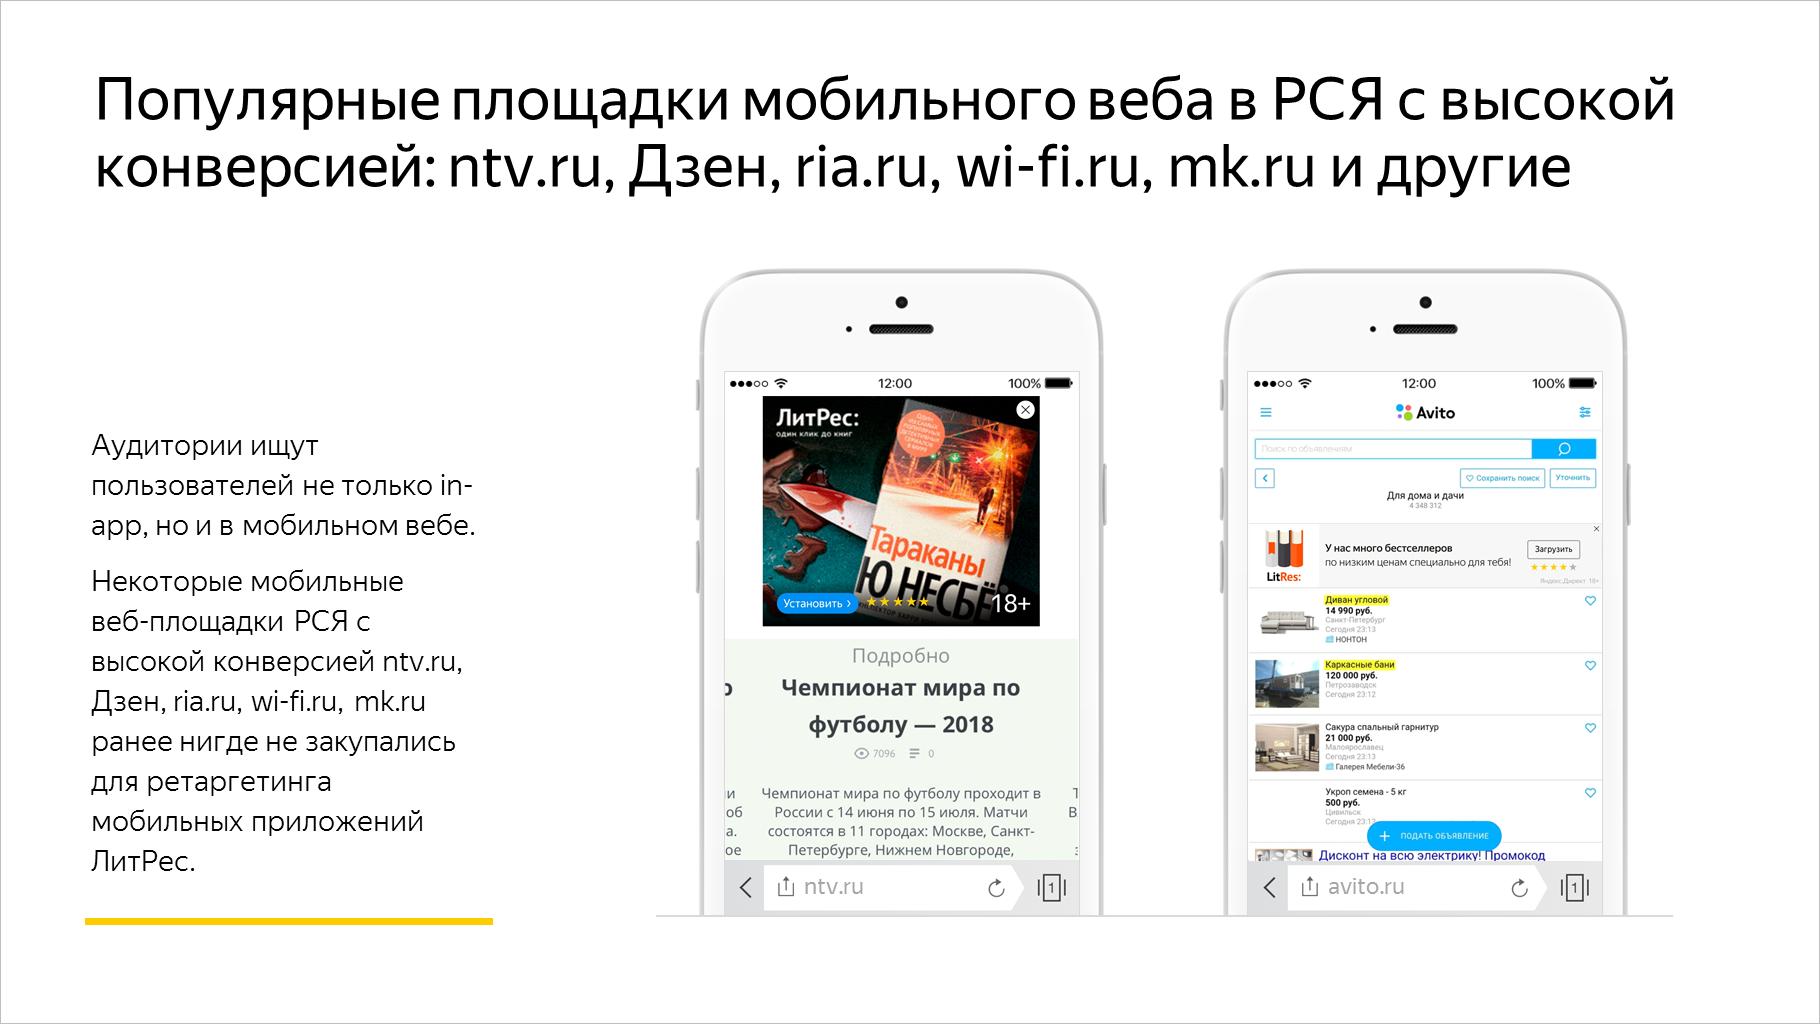 Популярные площадки мобильного веба в РСЯ с высокой конверсией: ntv.ru, Дзен, ria.ru, wi-fi.ru, mk.ru и другие